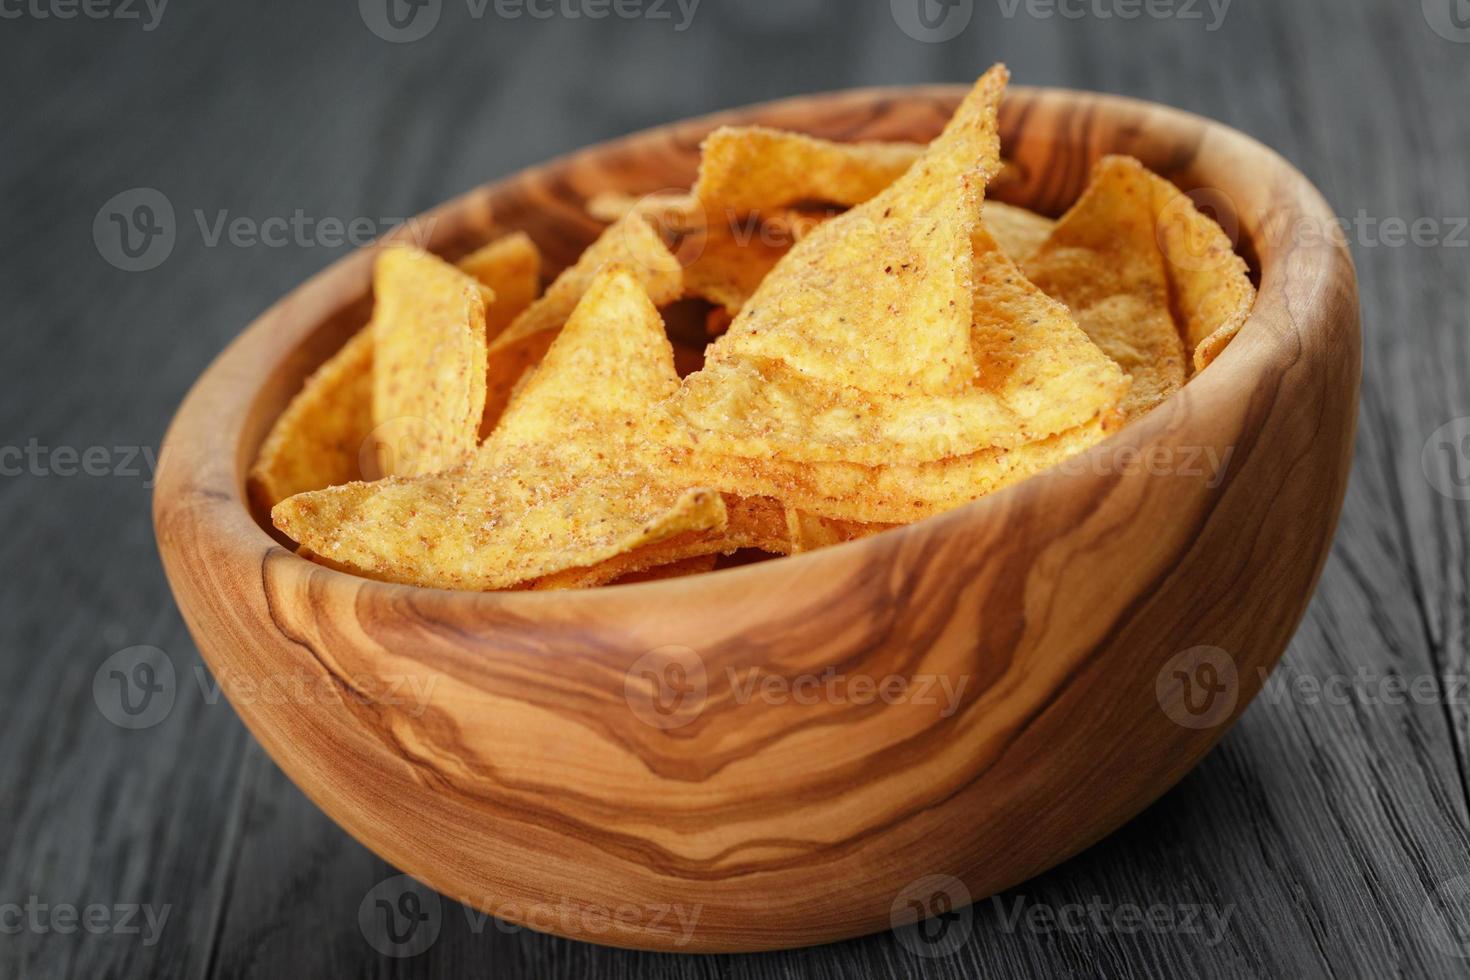 tortilla chips in ciotola di legno d'ulivo sul tavolo di legno foto